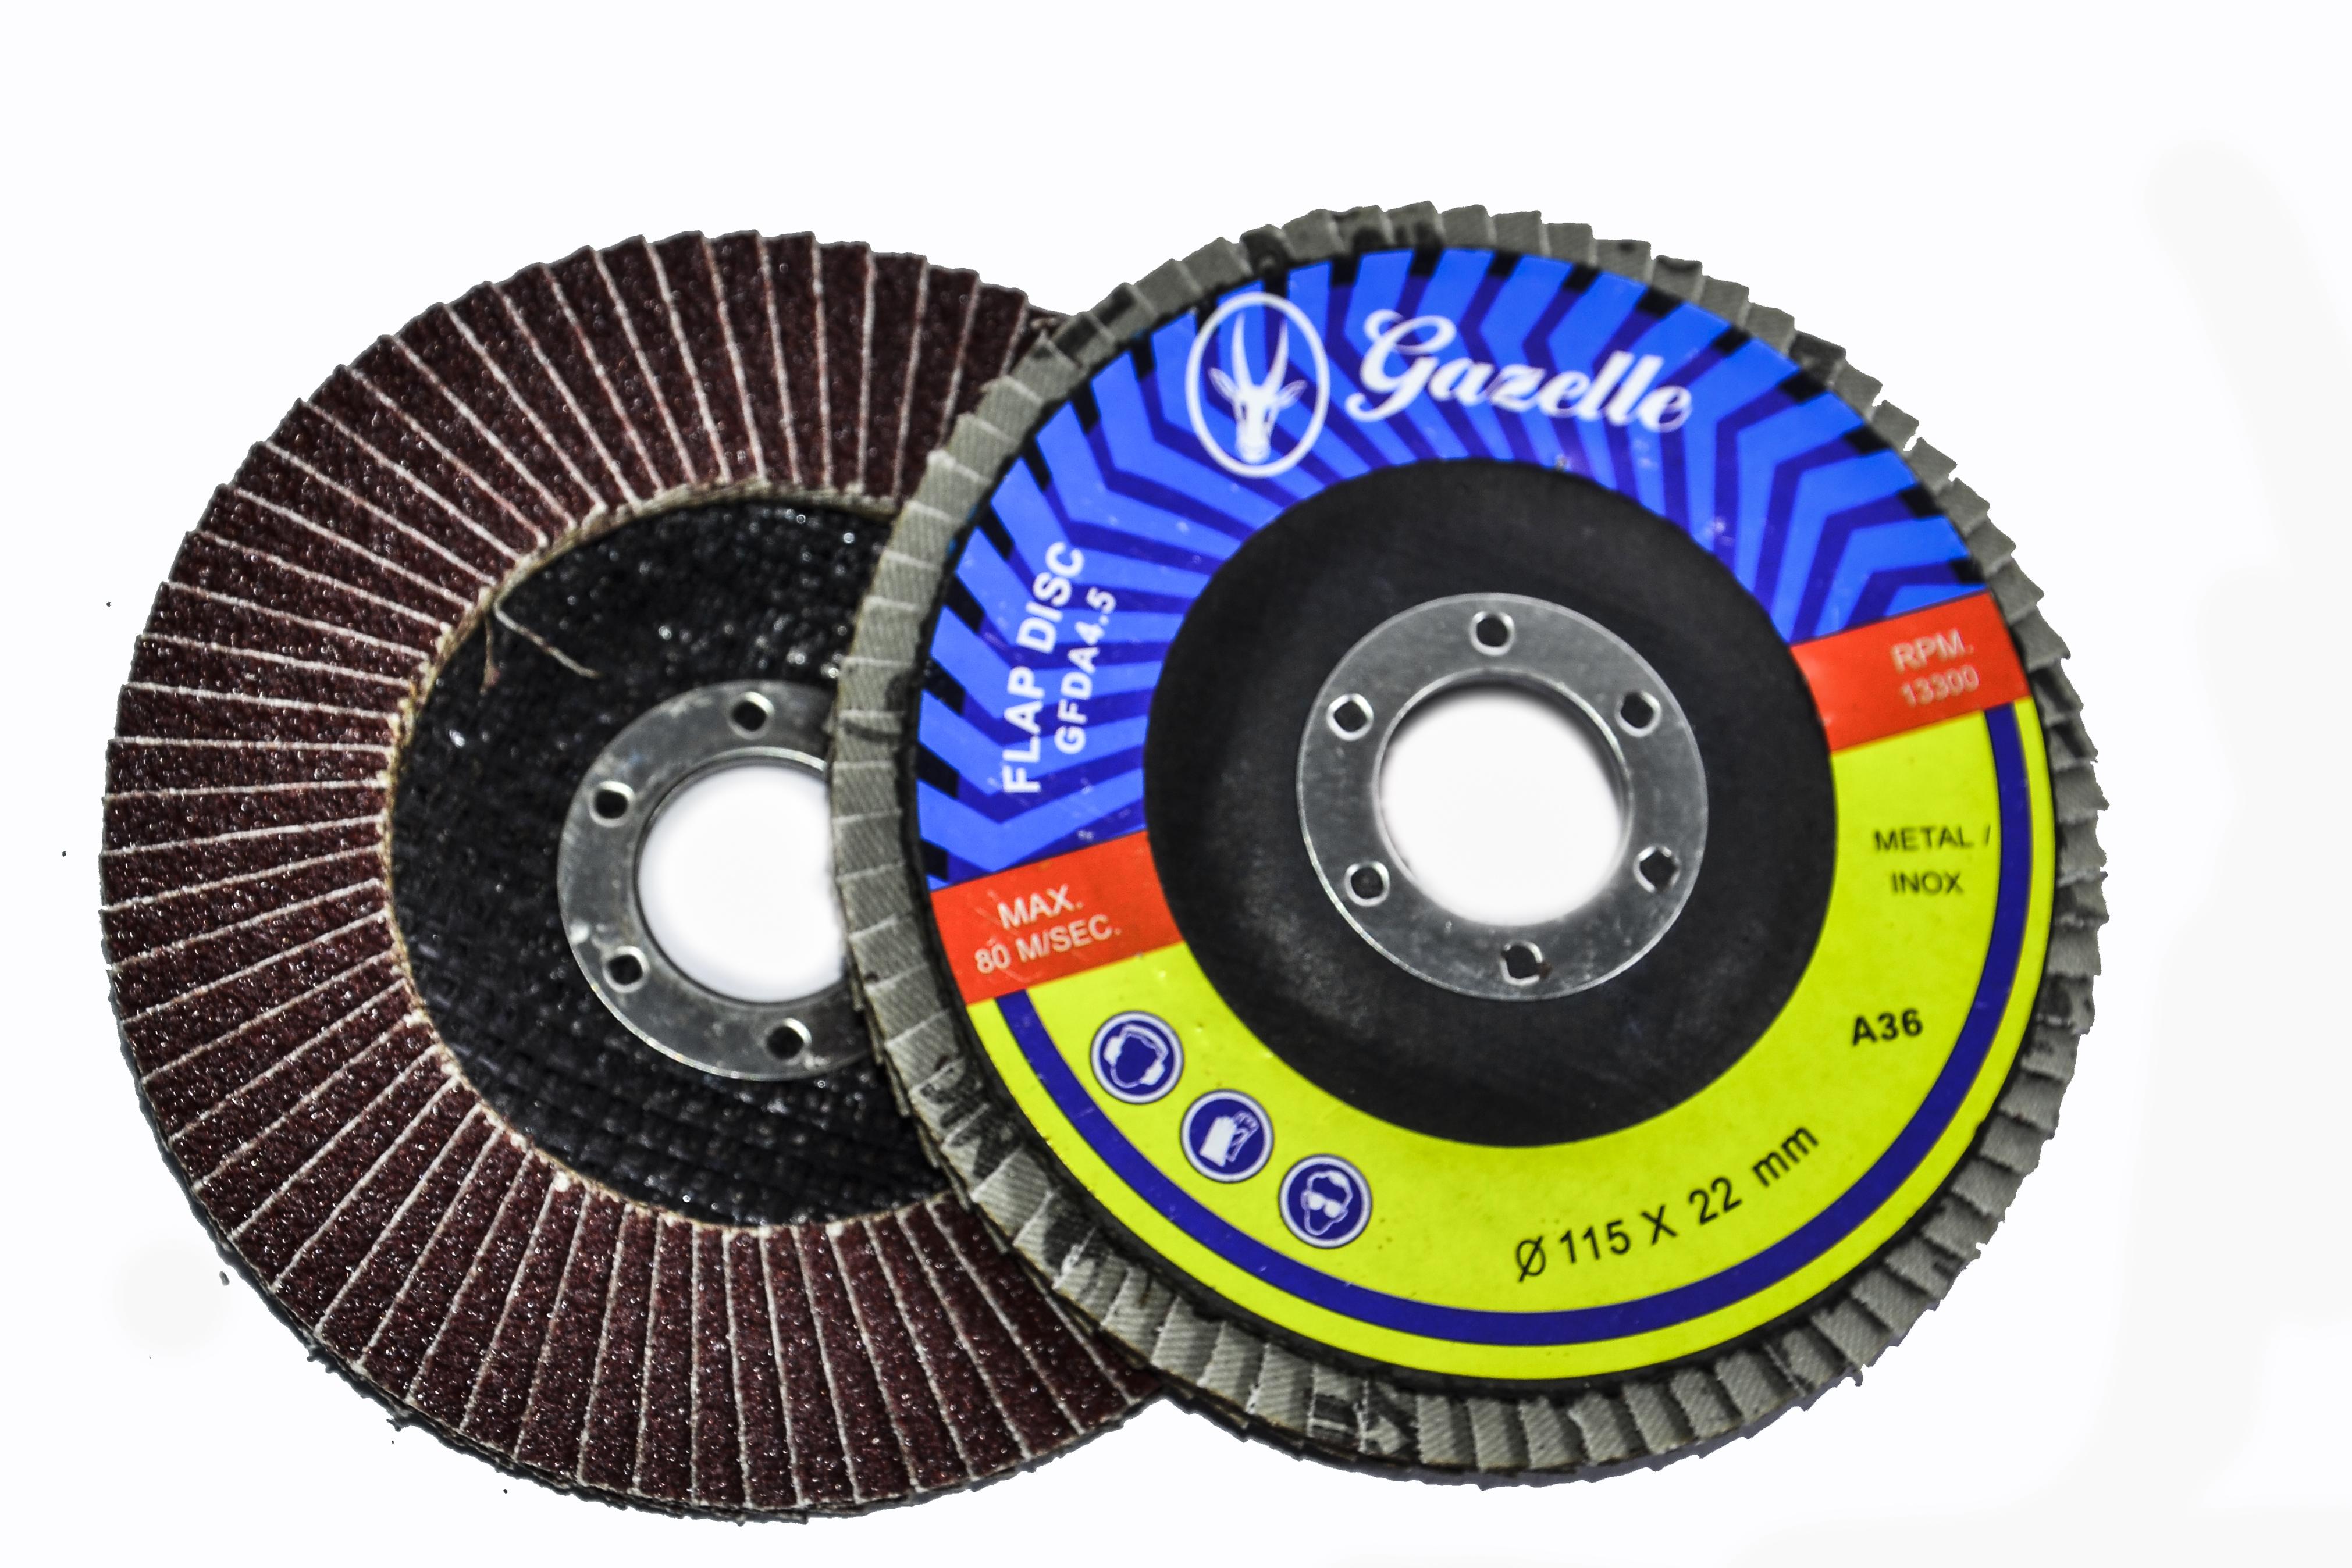 GAZELLE GFDZ45120G - Flap Disc 4.5in – 115mm x 120Grit  Zircon